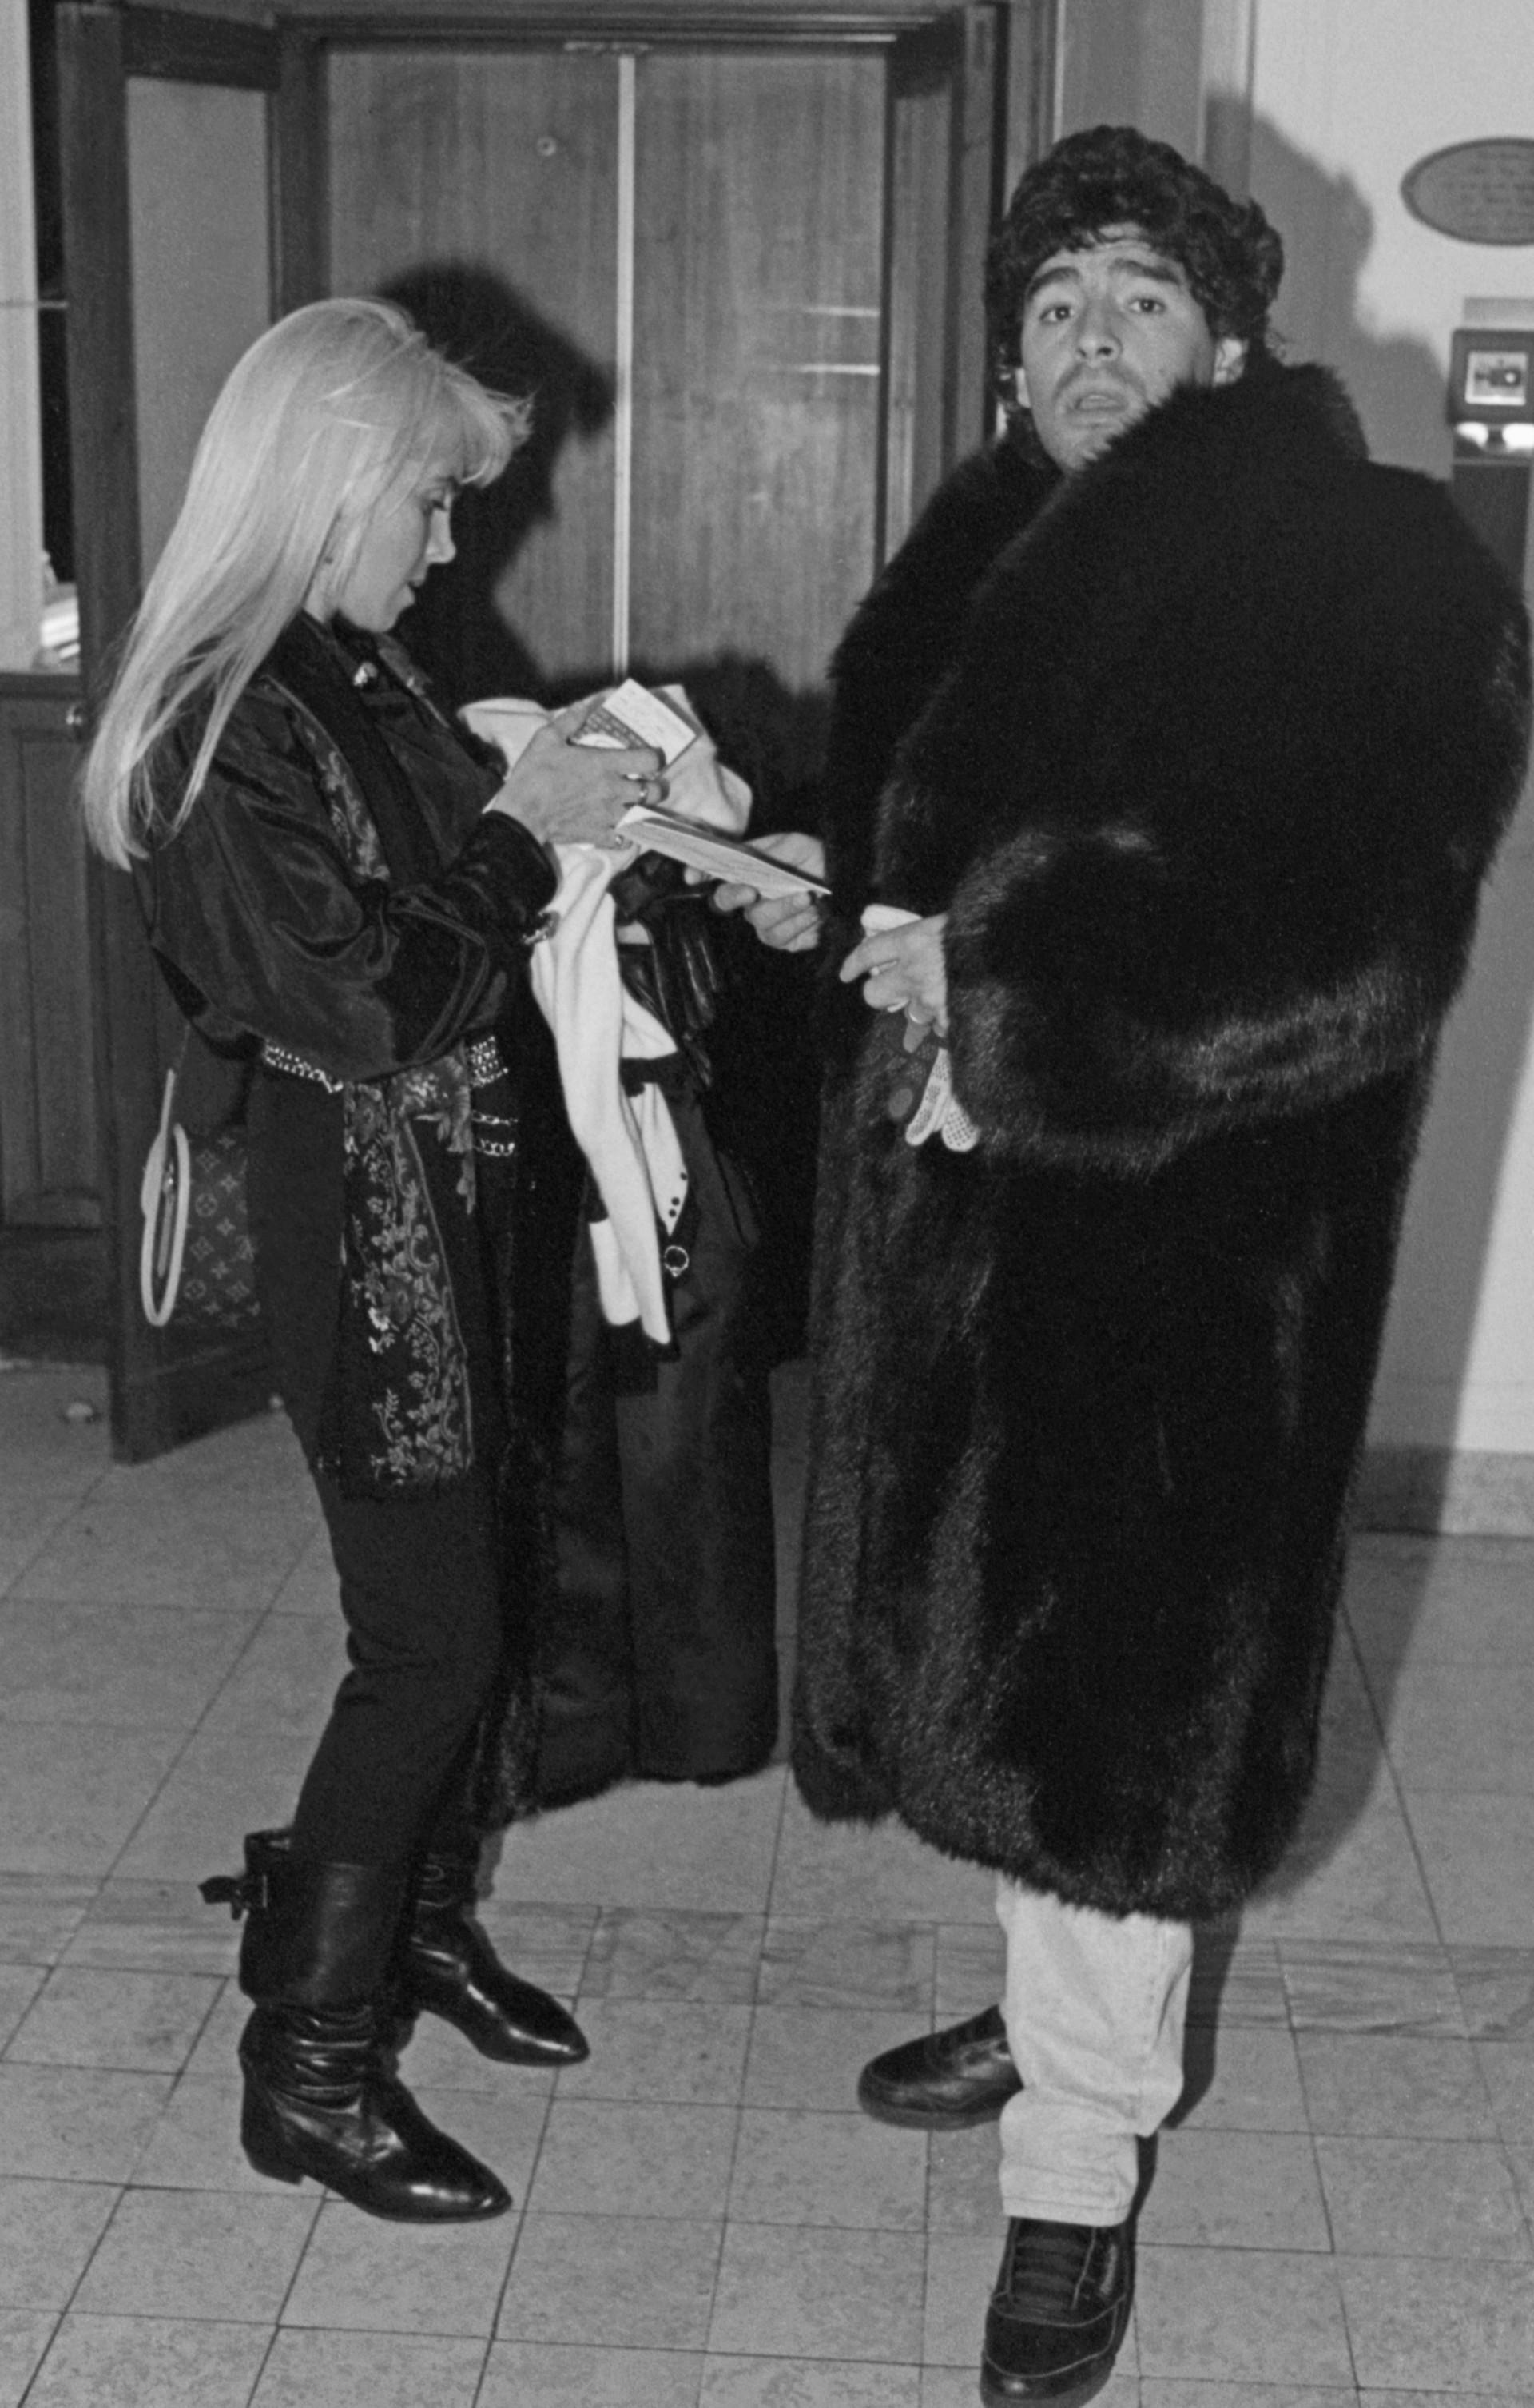 Diego Armando Maradona in pelliccia nella hall dell'Hotel Berlin di Mosca, con la moglie Claudia Villafañe